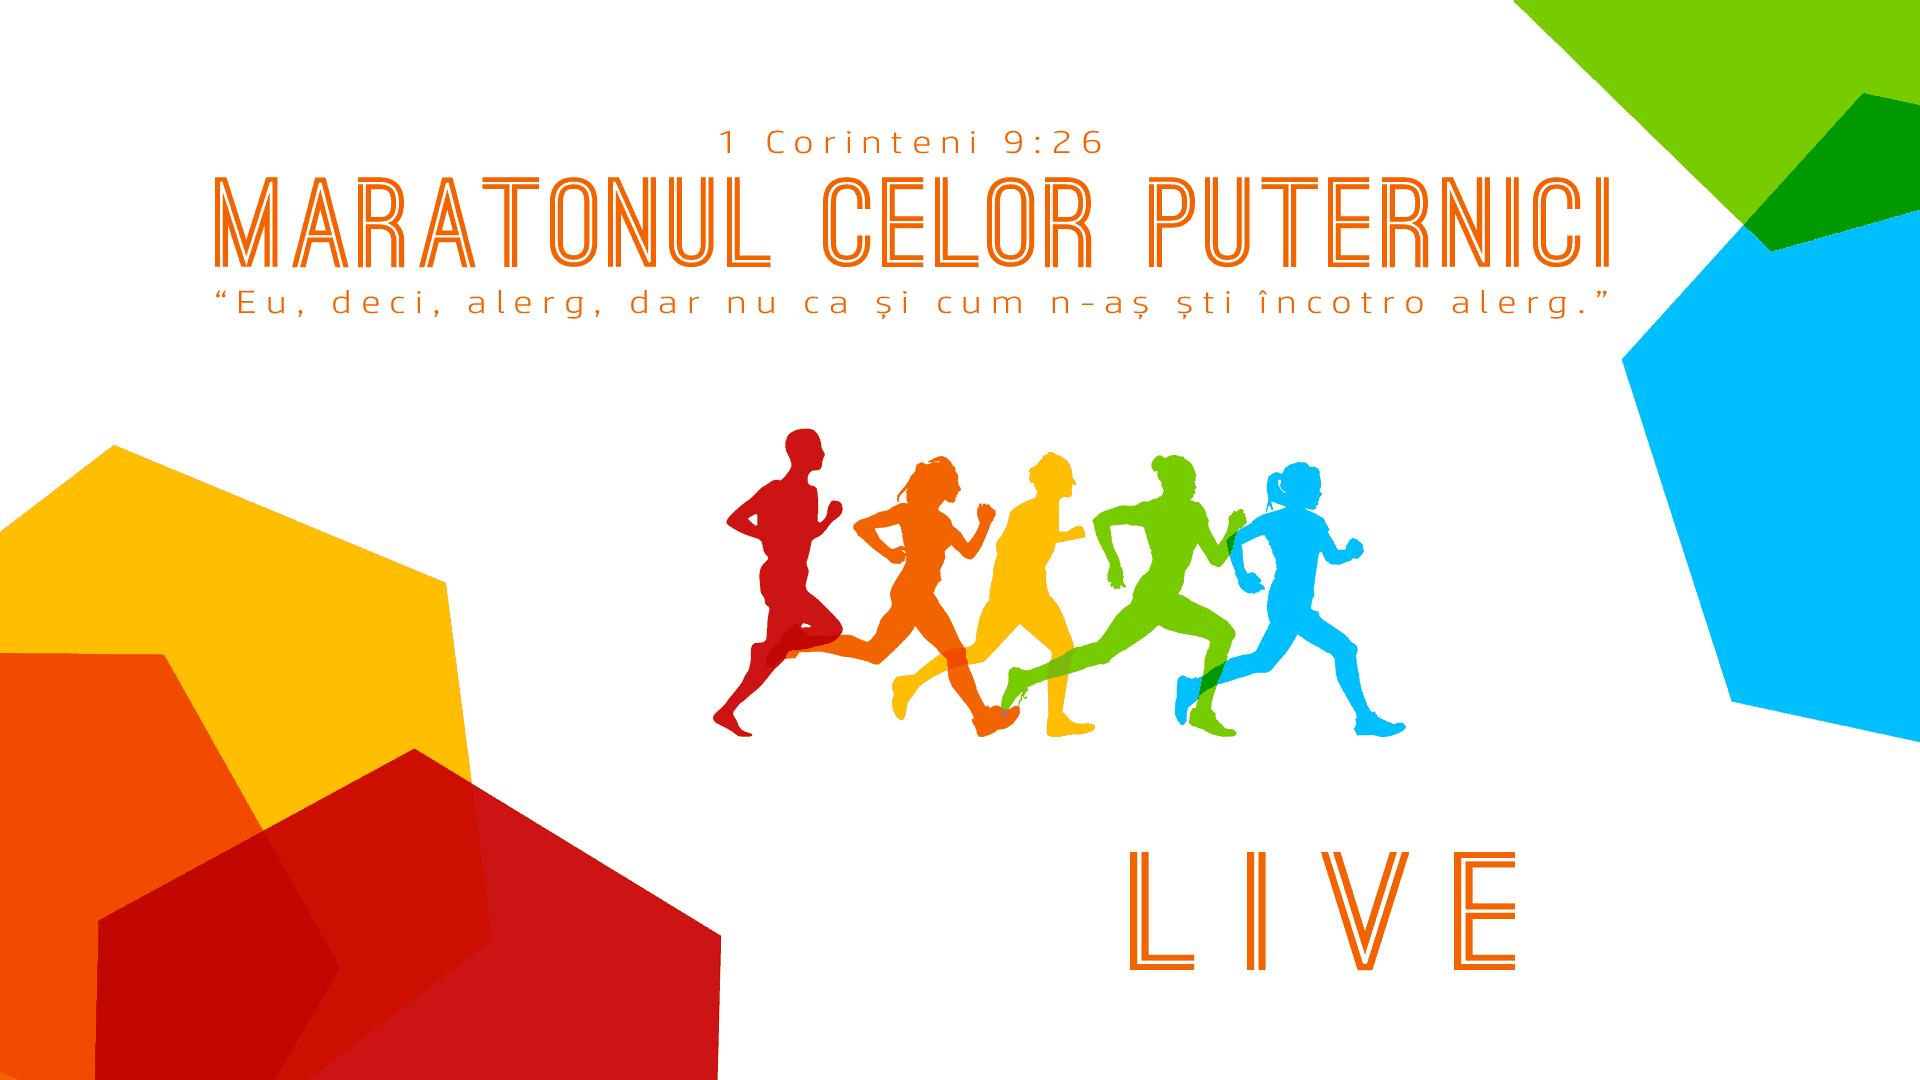 Maratonul celor puternici LIVE